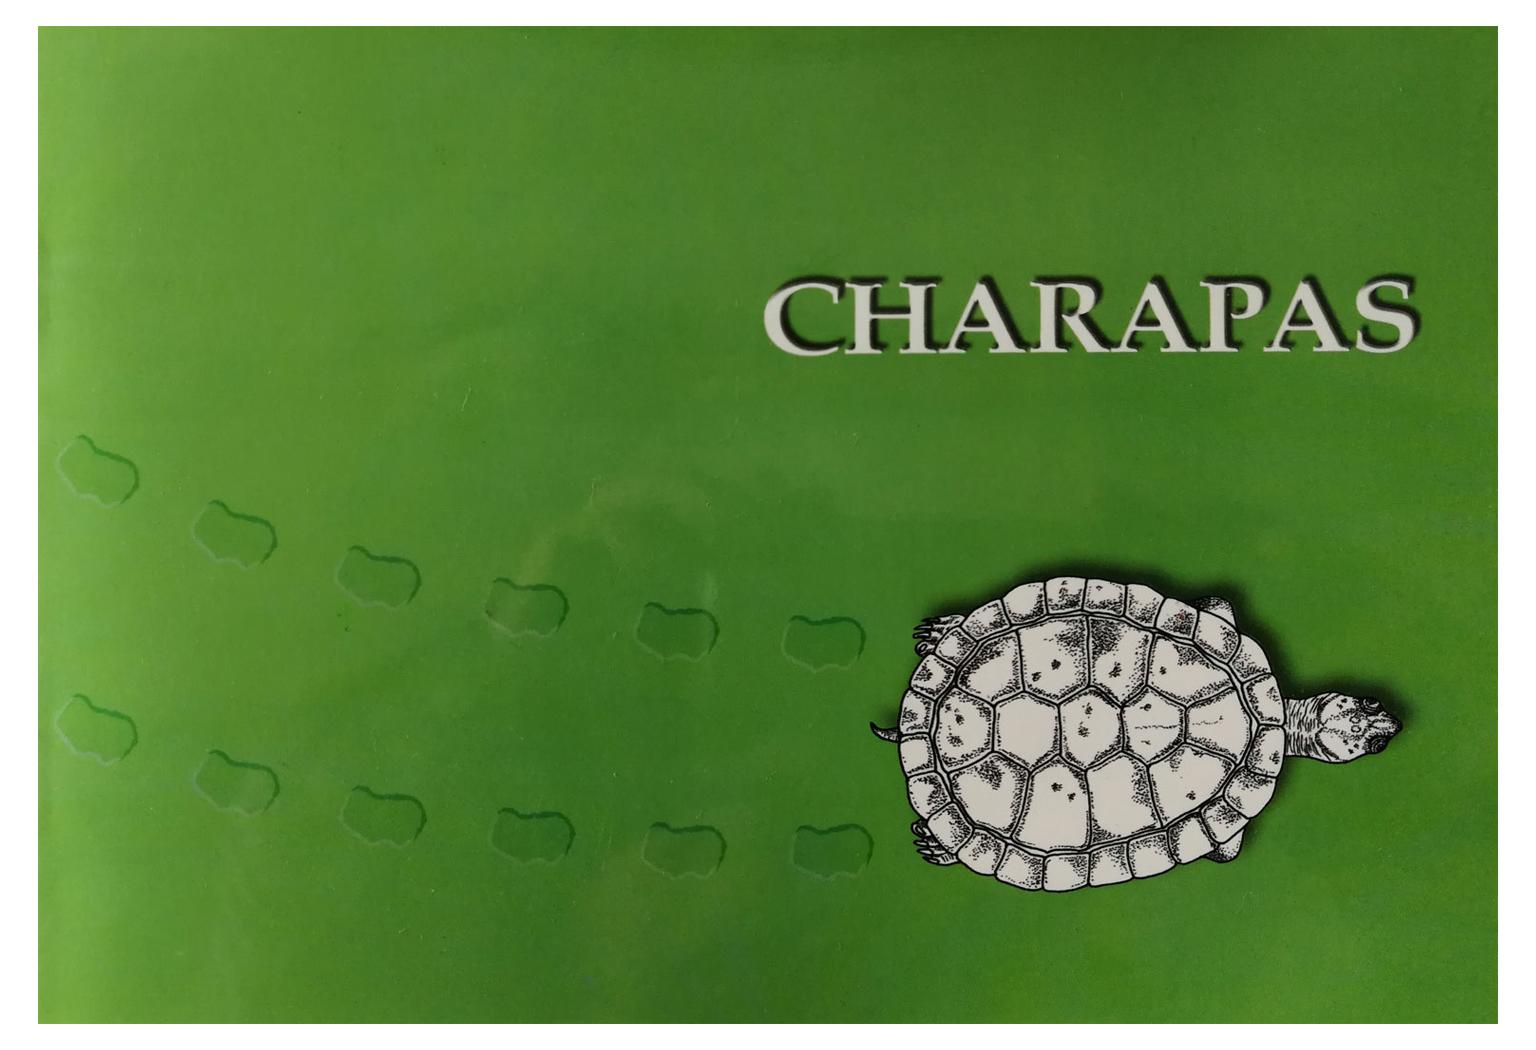 Charapas